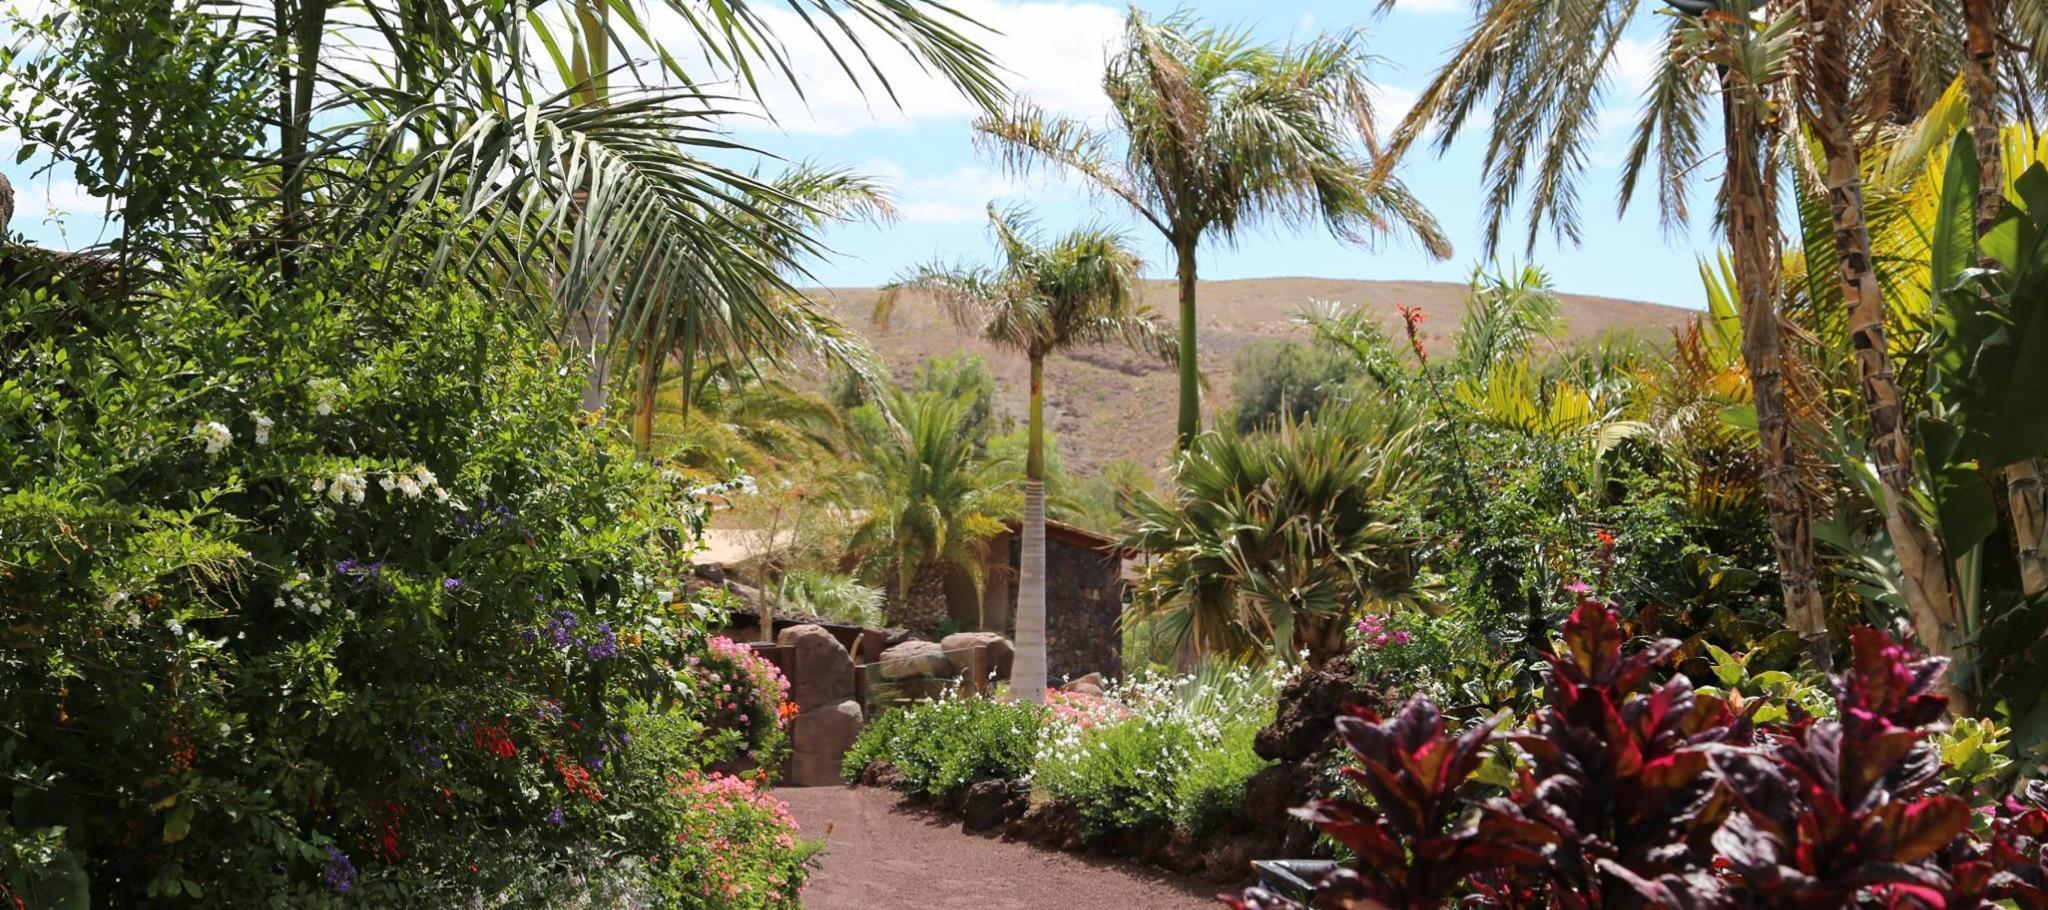 Oasis Park in Fuerteventura | Your Guide to Fuerteventura